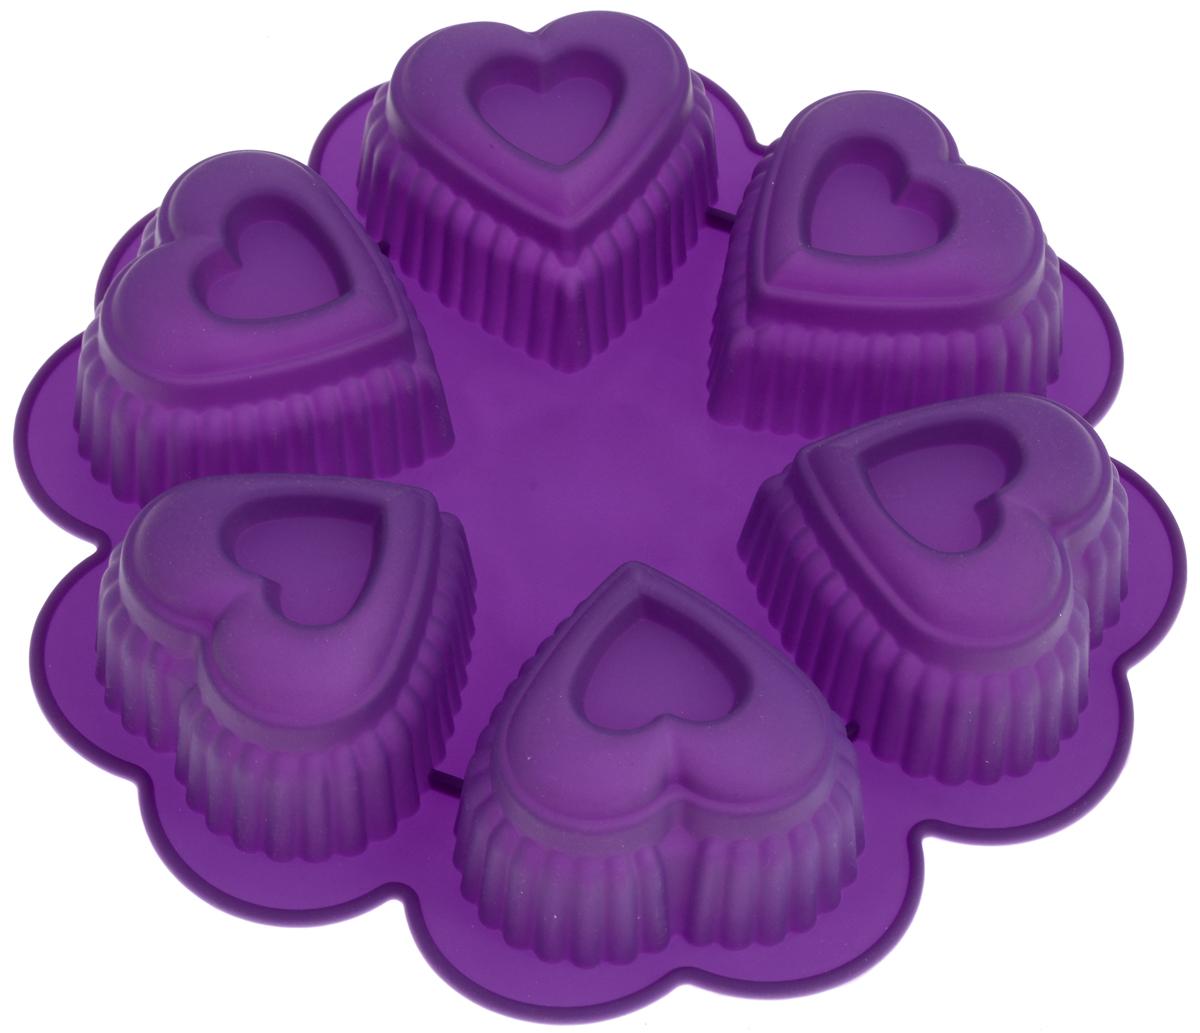 Форма для выпечки Marmiton Сердце, цвет: фиолетовый, 25,5 х 25,5 х 5 см, 6 ячеек16027Форма для выпечки Marmiton Сердце выполнена из силикона. На одном листе расположены 6 ячеек в виде сердец. Благодаря тому, что форма изготовлена из силикона, готовый лед, выпечку или мармелад вынимать легко и просто.Материал устойчив к фруктовым кислотам, может быть использован в духовках и микроволновых печах (выдерживает температуру от -40°С до +230°С). Можно мыть и сушить в посудомоечной машине.Общий размер формы: 25,5 х 25,5 х 5 см.Размер ячейки: 8 х 8 х 5 см.